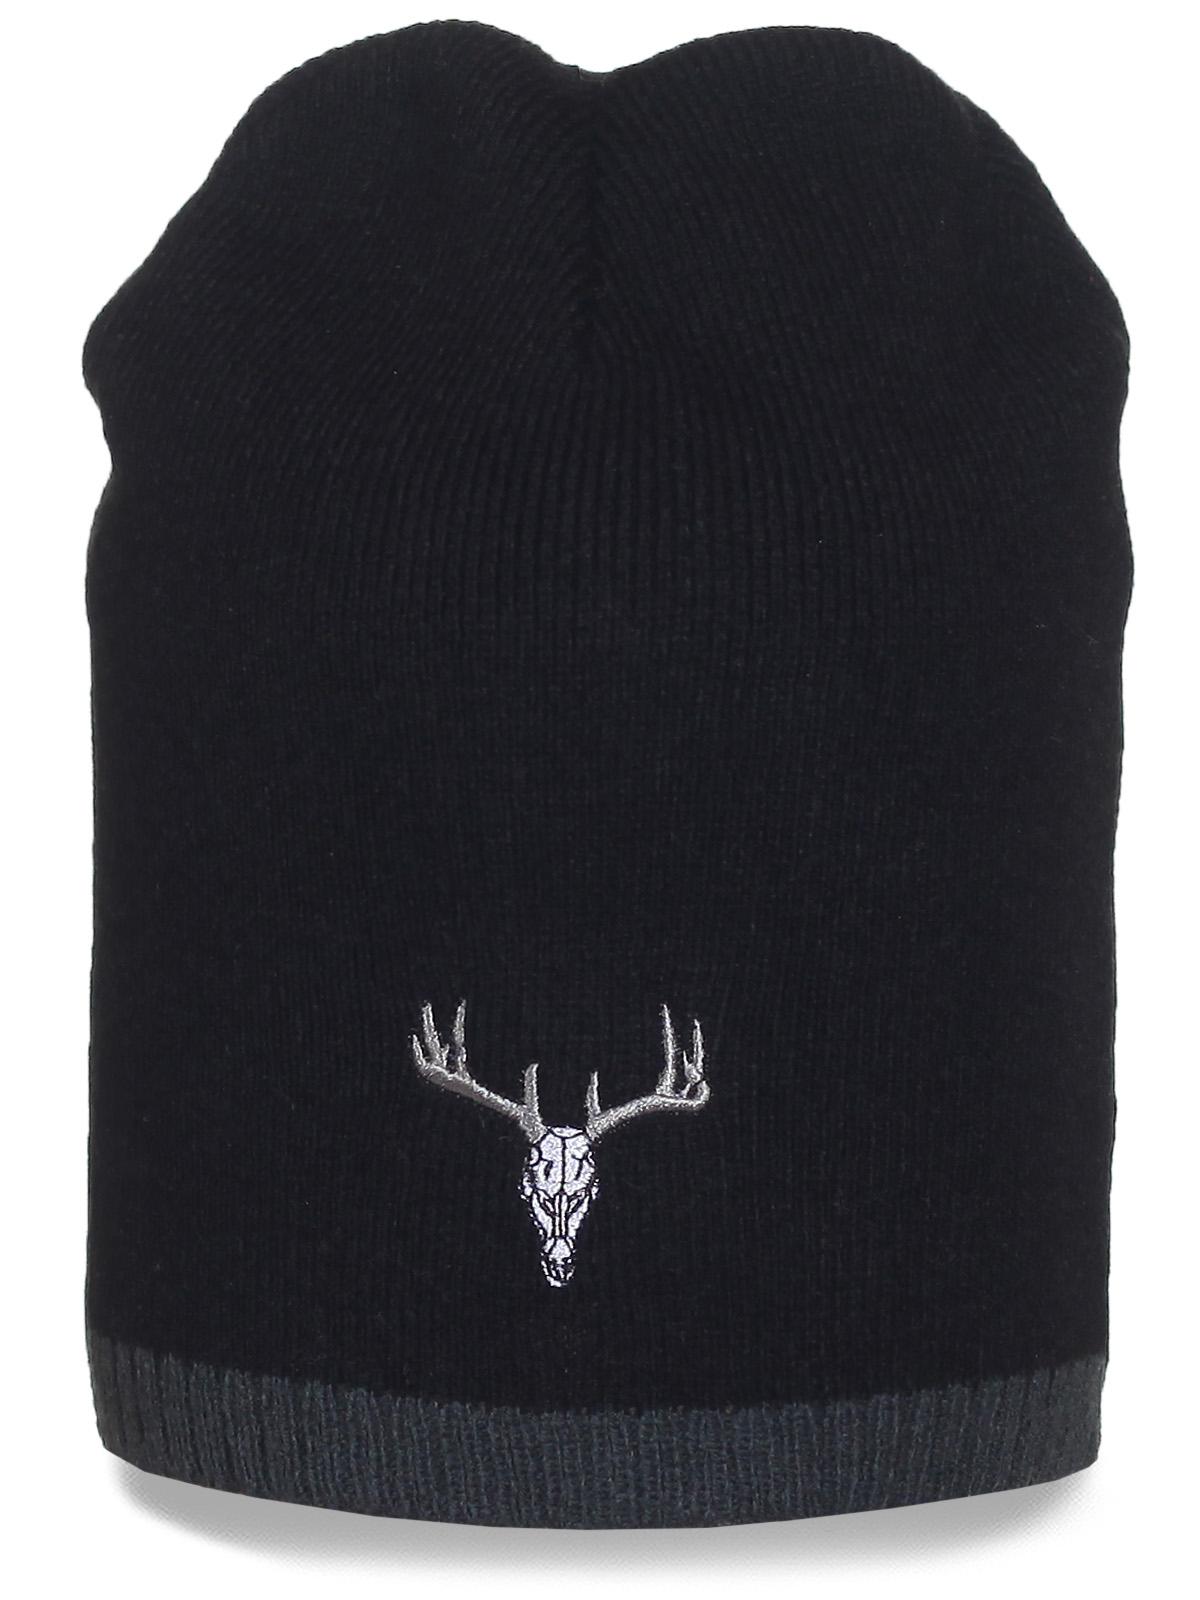 Фирменная шапка Deer-skull. Оригинальная и практичная модель